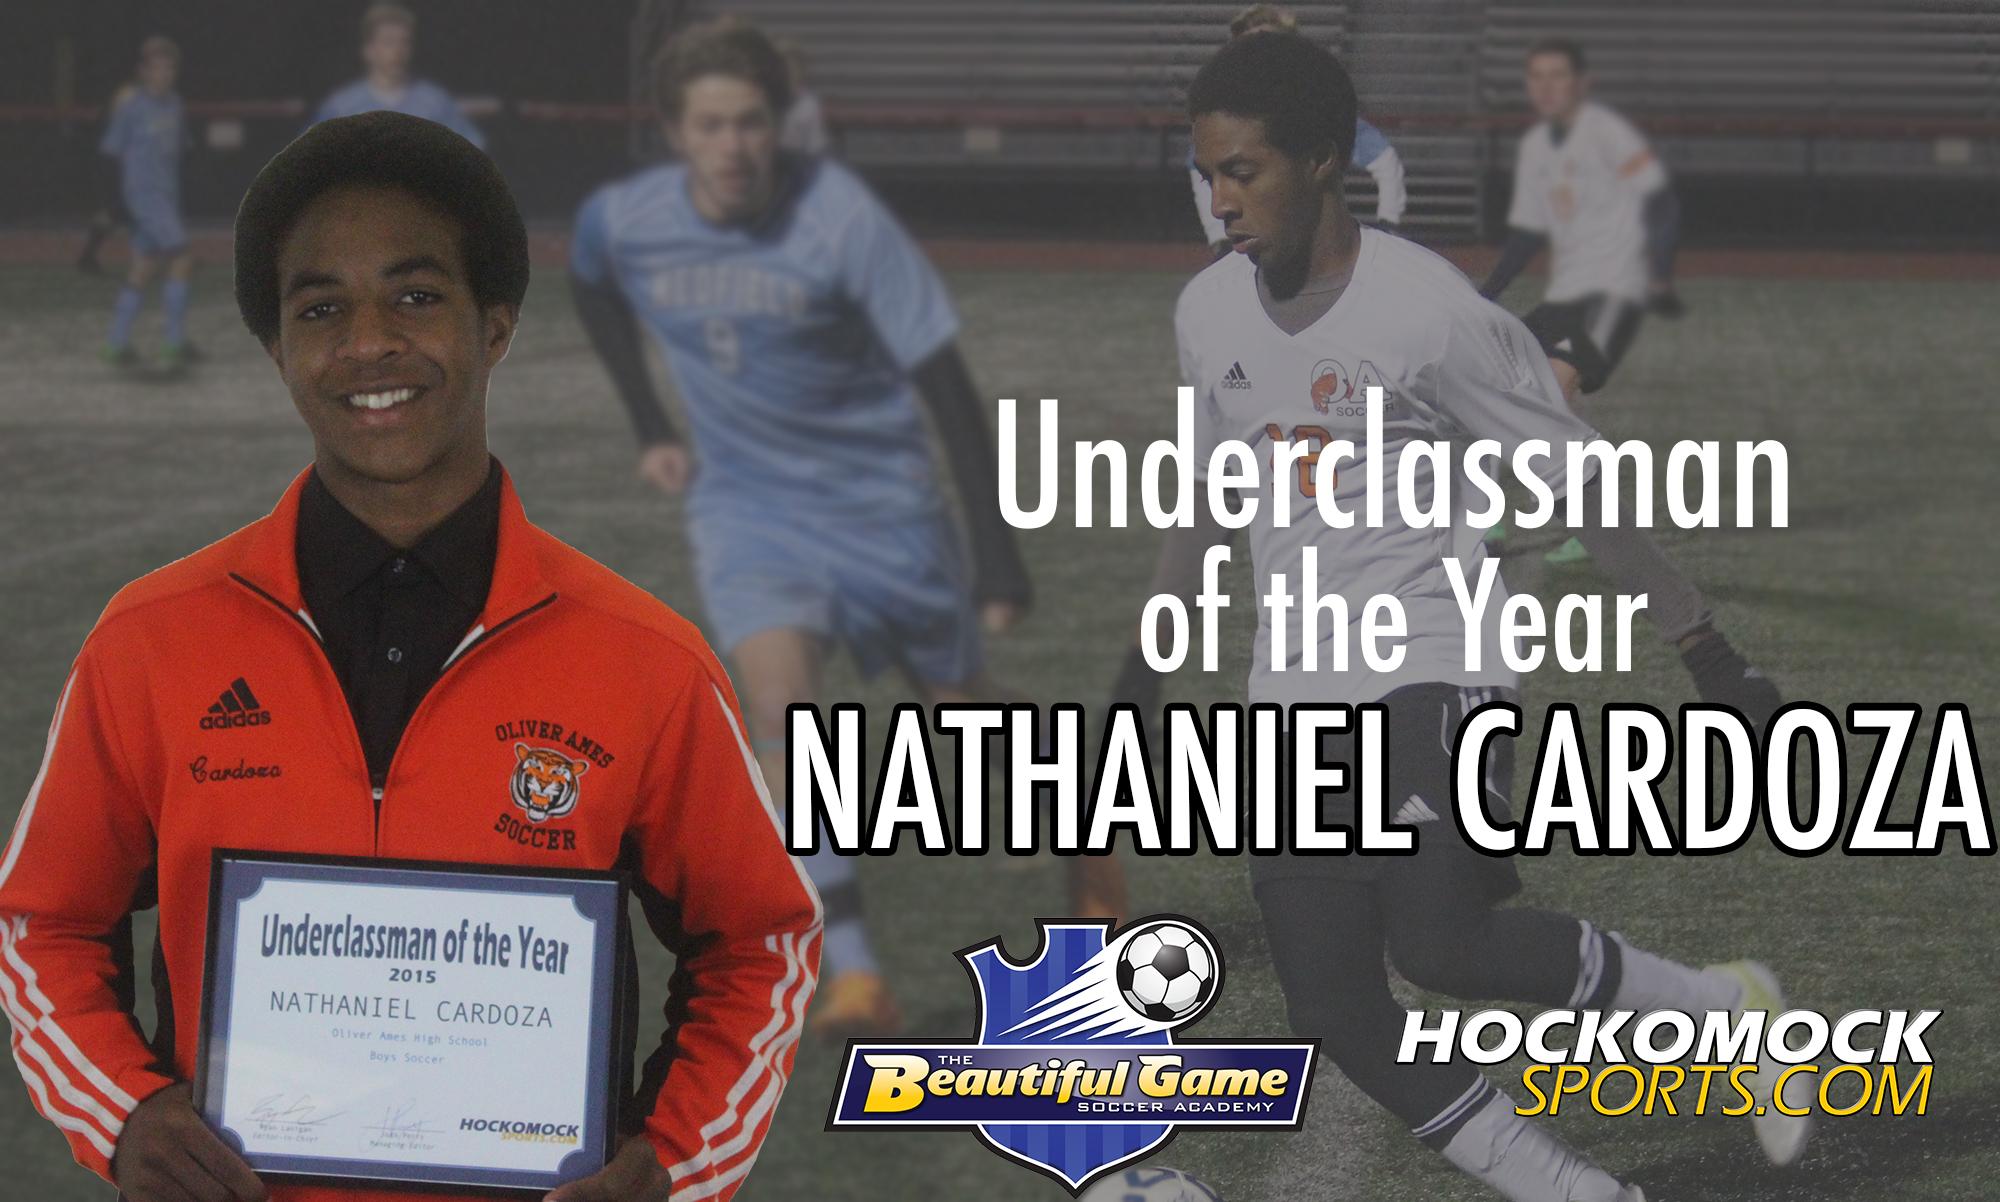 Nathaniel Cardoza